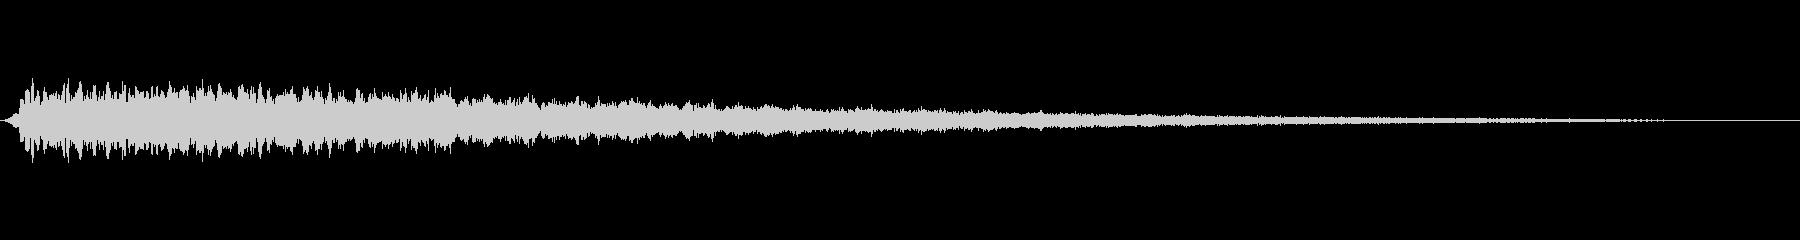 ライザーの未再生の波形